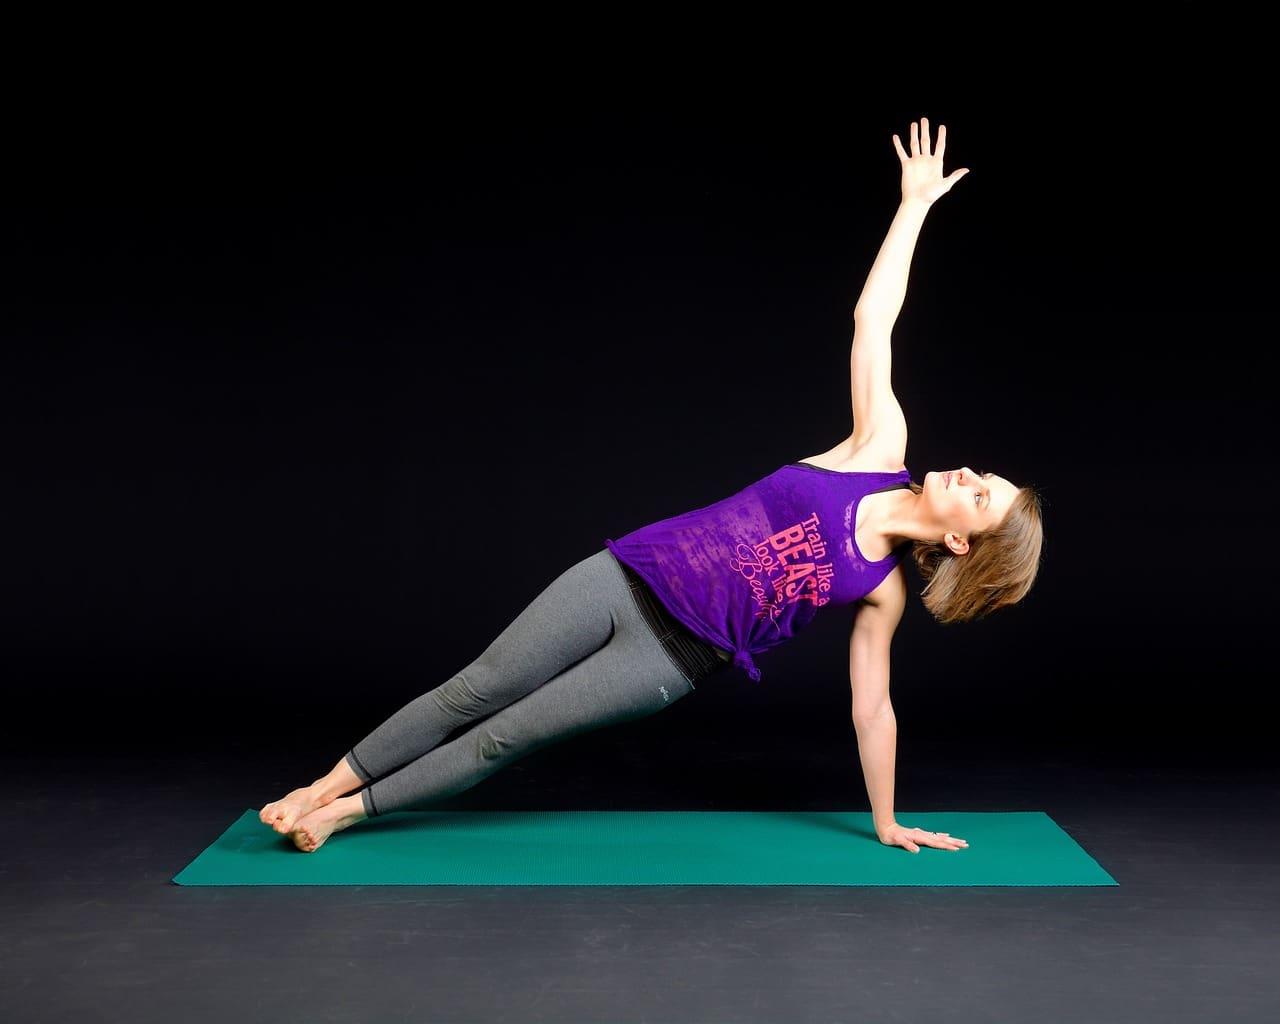 pilates - Apprendre le Pilates à domicile pour développer une force physique et mentale